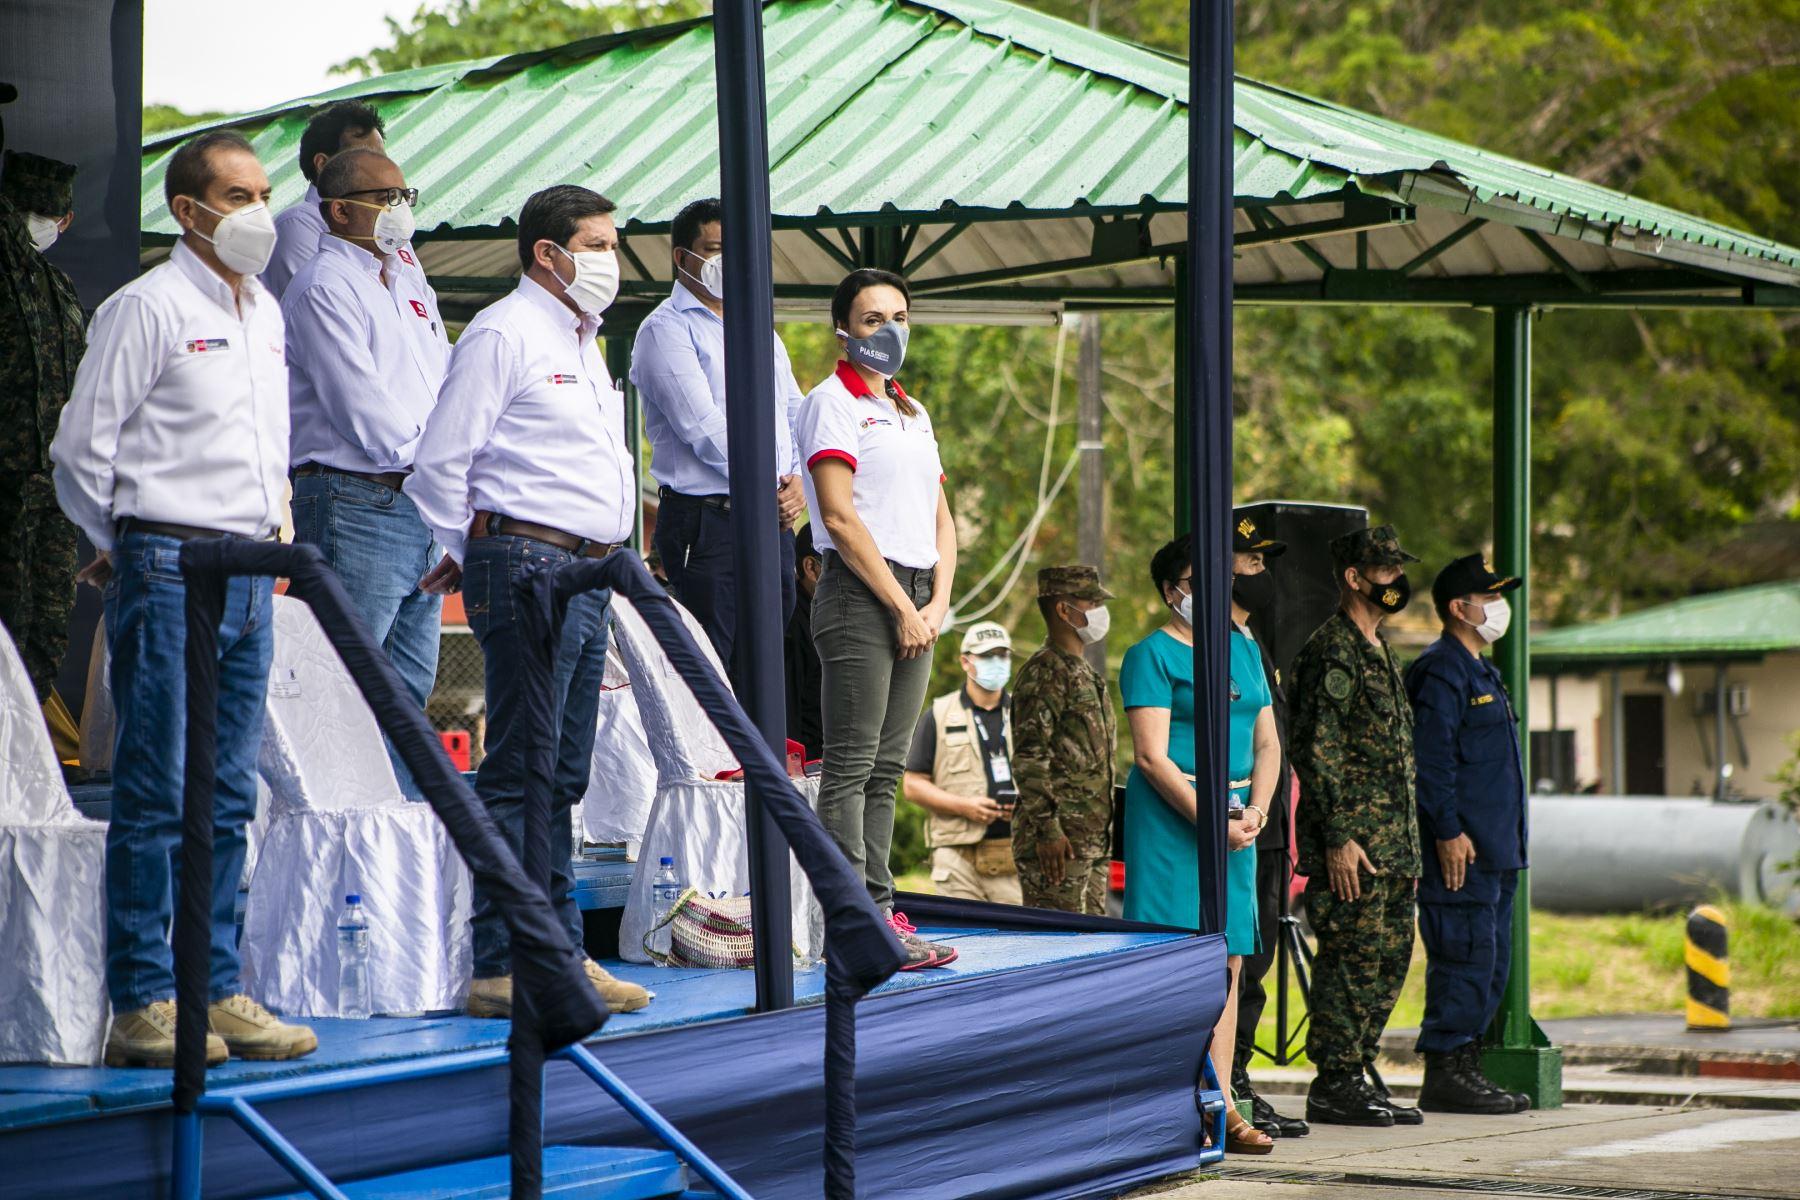 El presidente del Consejo de Ministros Walter Martos presidió, la ceremonia de zarpe de la campaña PIAS del  Midis en Iquitos, que llevará atención a poblaciones de comunidades nativas en el marco de las acciones de prevención y mitigación del covid-19. Foto:ANDINA/PCM